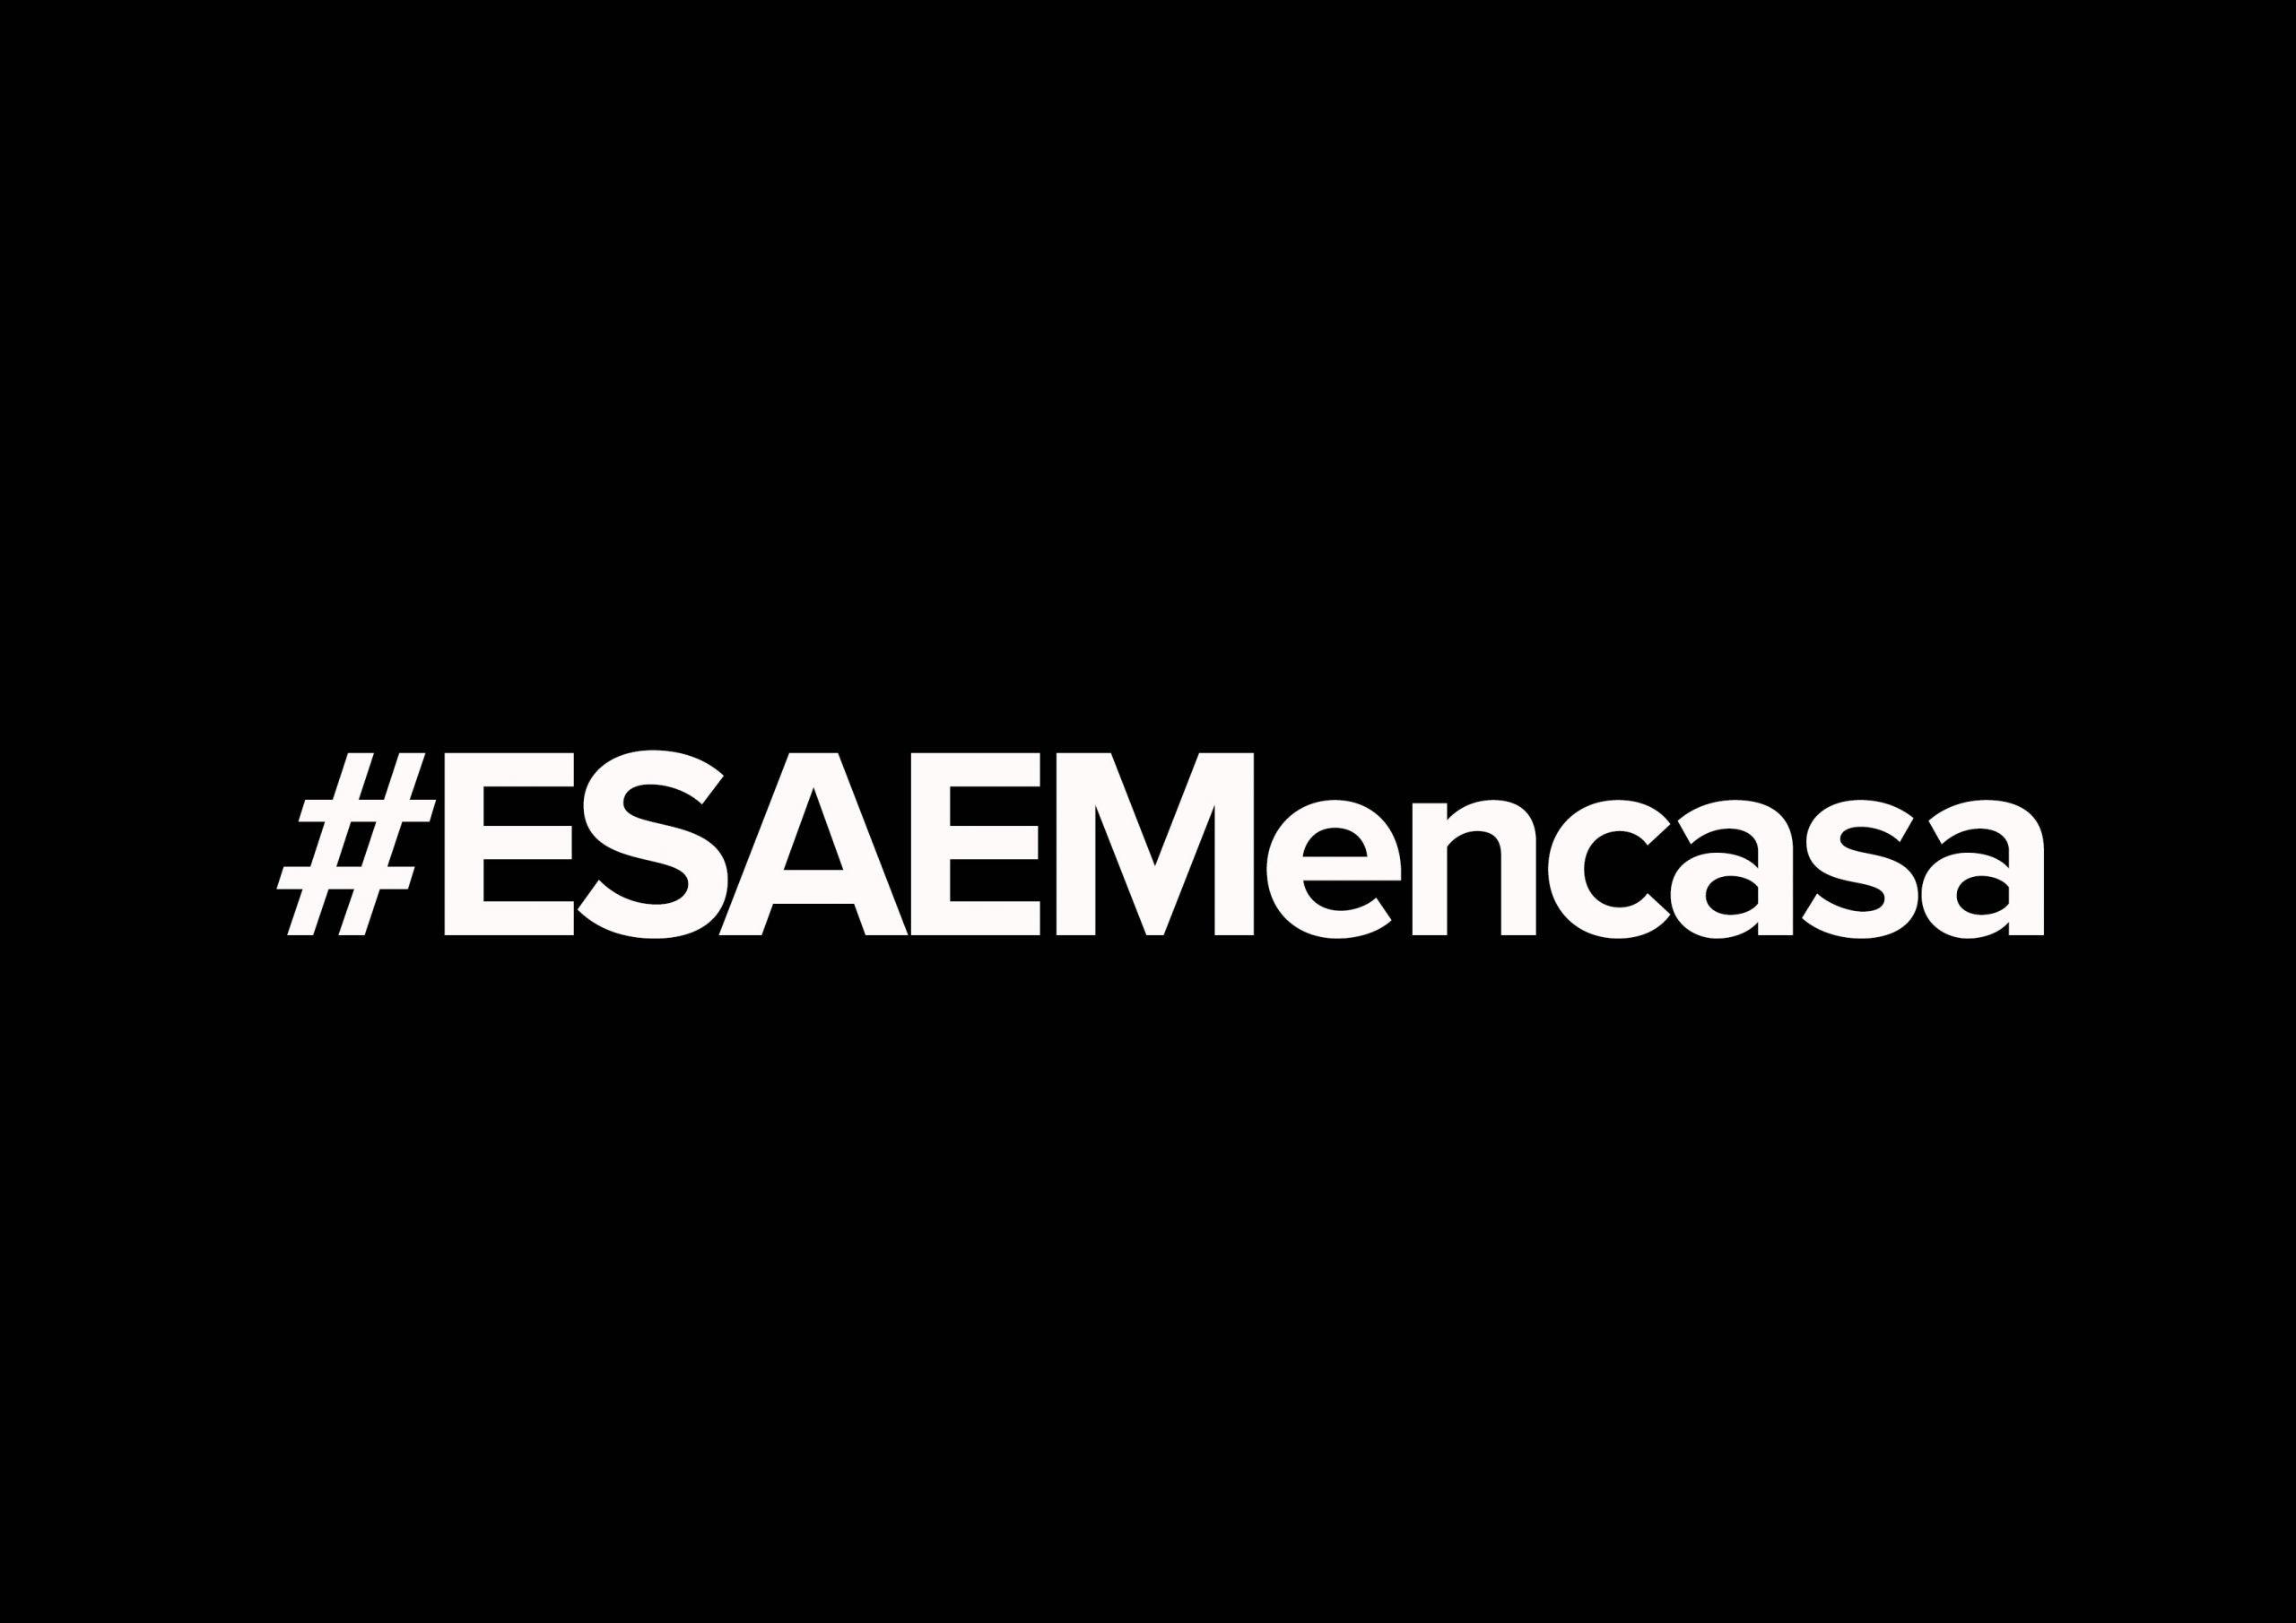 Comunicado para todos los alumn@s, padres, profesores y equipo #ESAEM